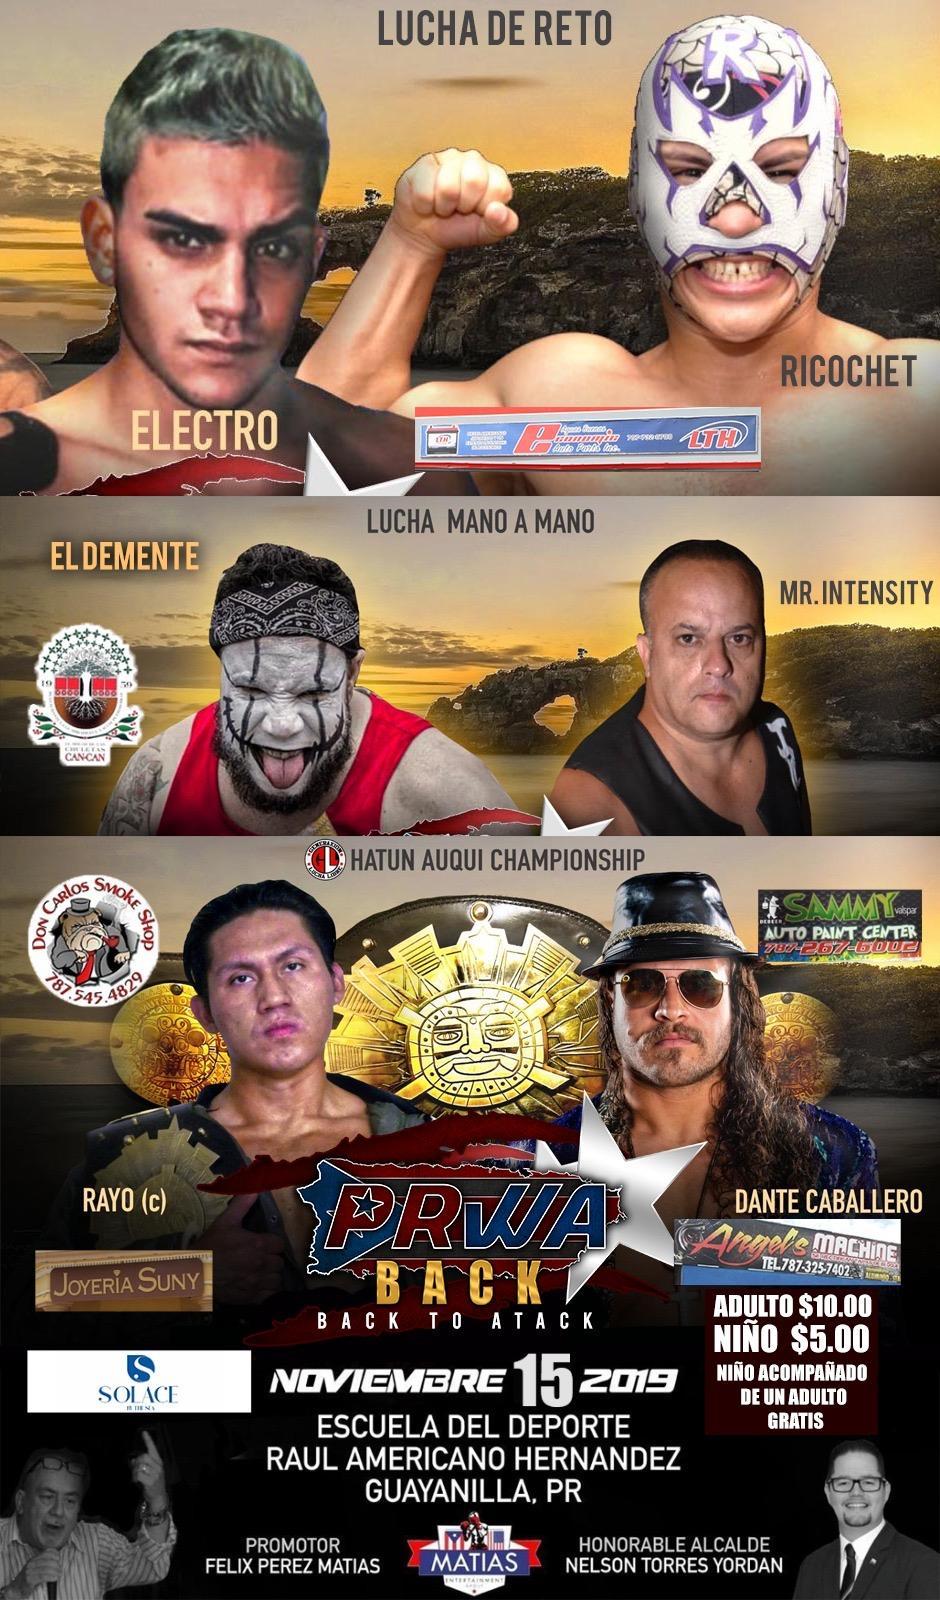 PRWA presenta Back to Attack este Viernes 15 en Guayanilla 1